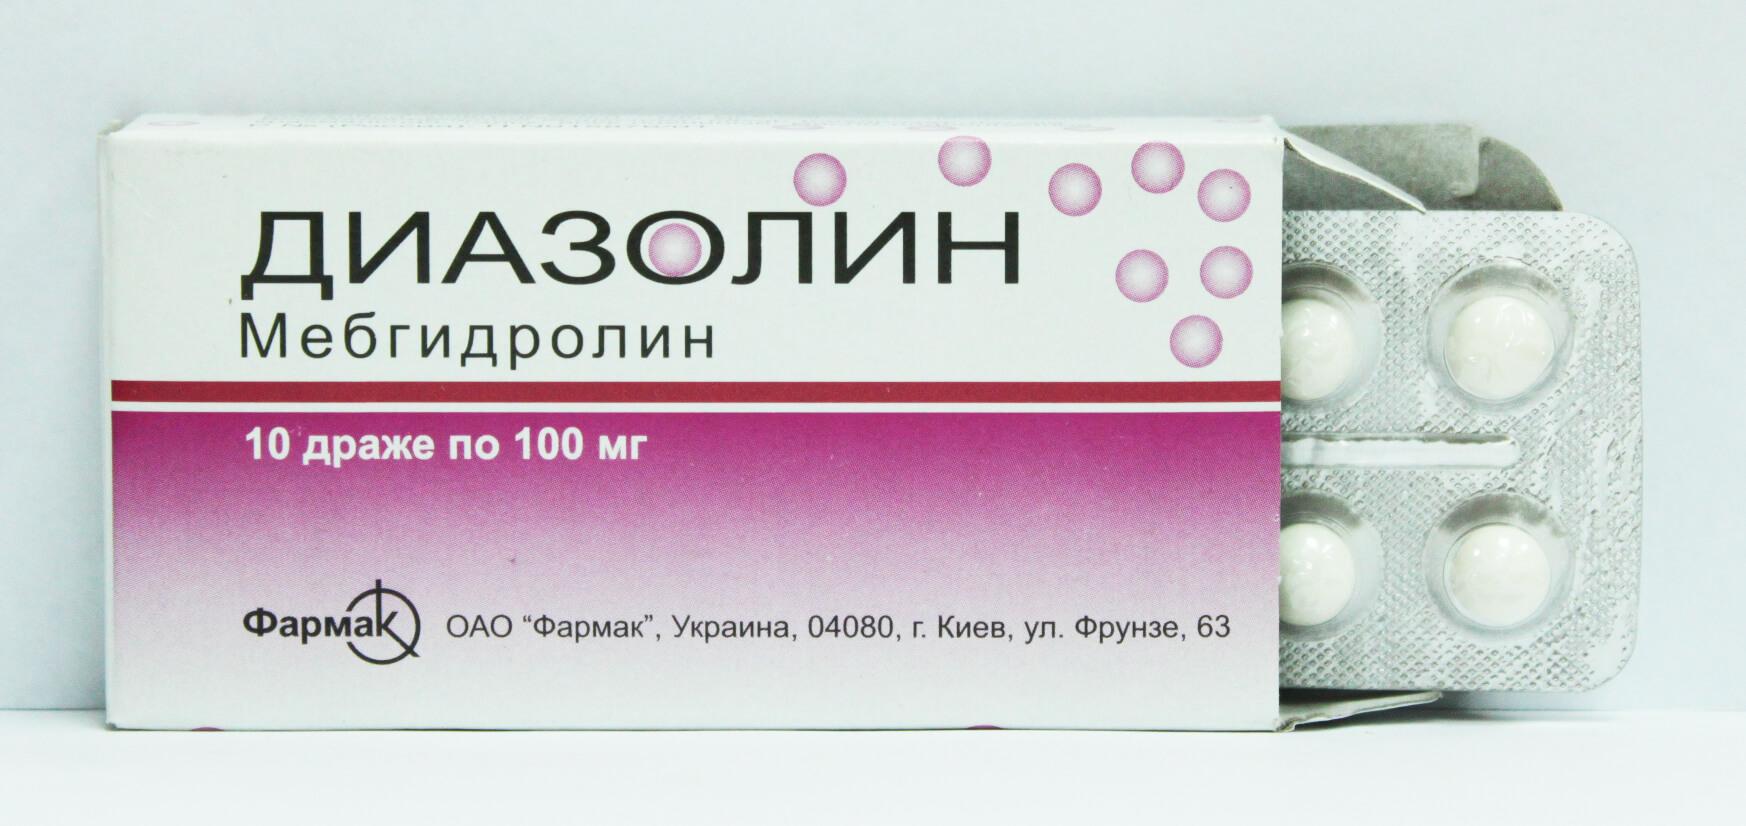 Диазолин: от чего и как правильно принимать препарат